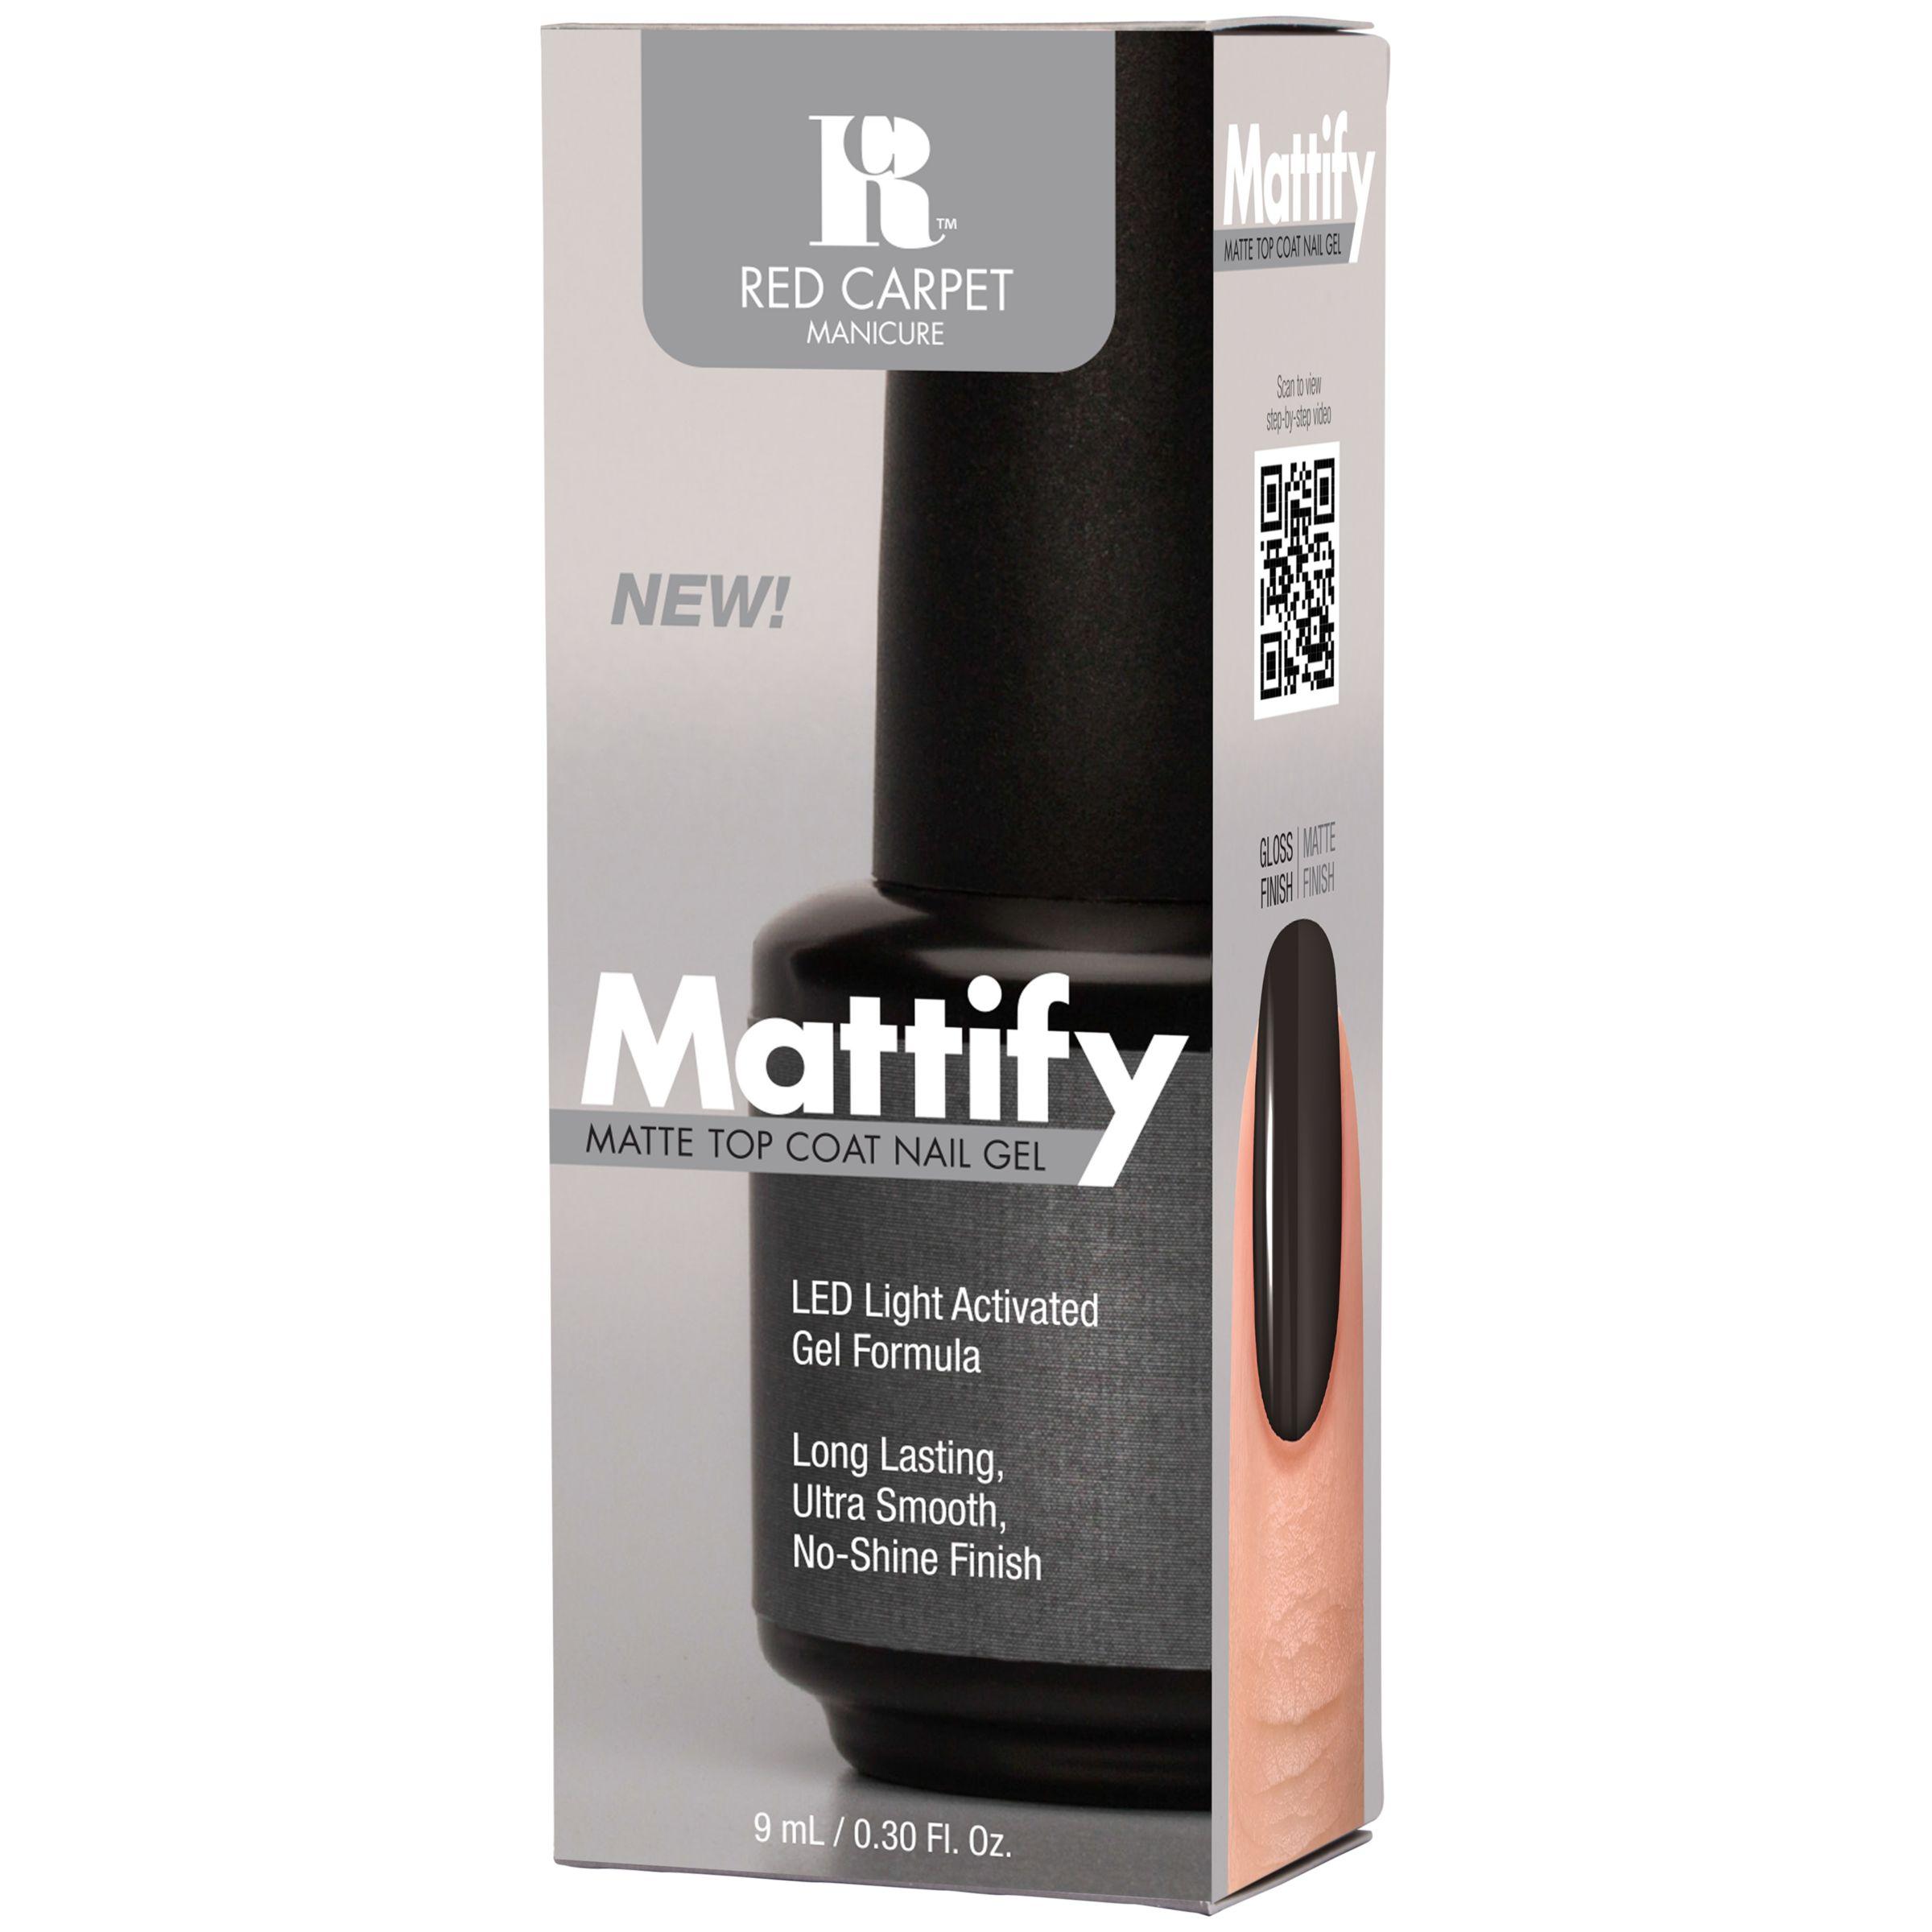 Red Carpet Manicure Red Carpet Manicure Mattify Top Coat, 9ml